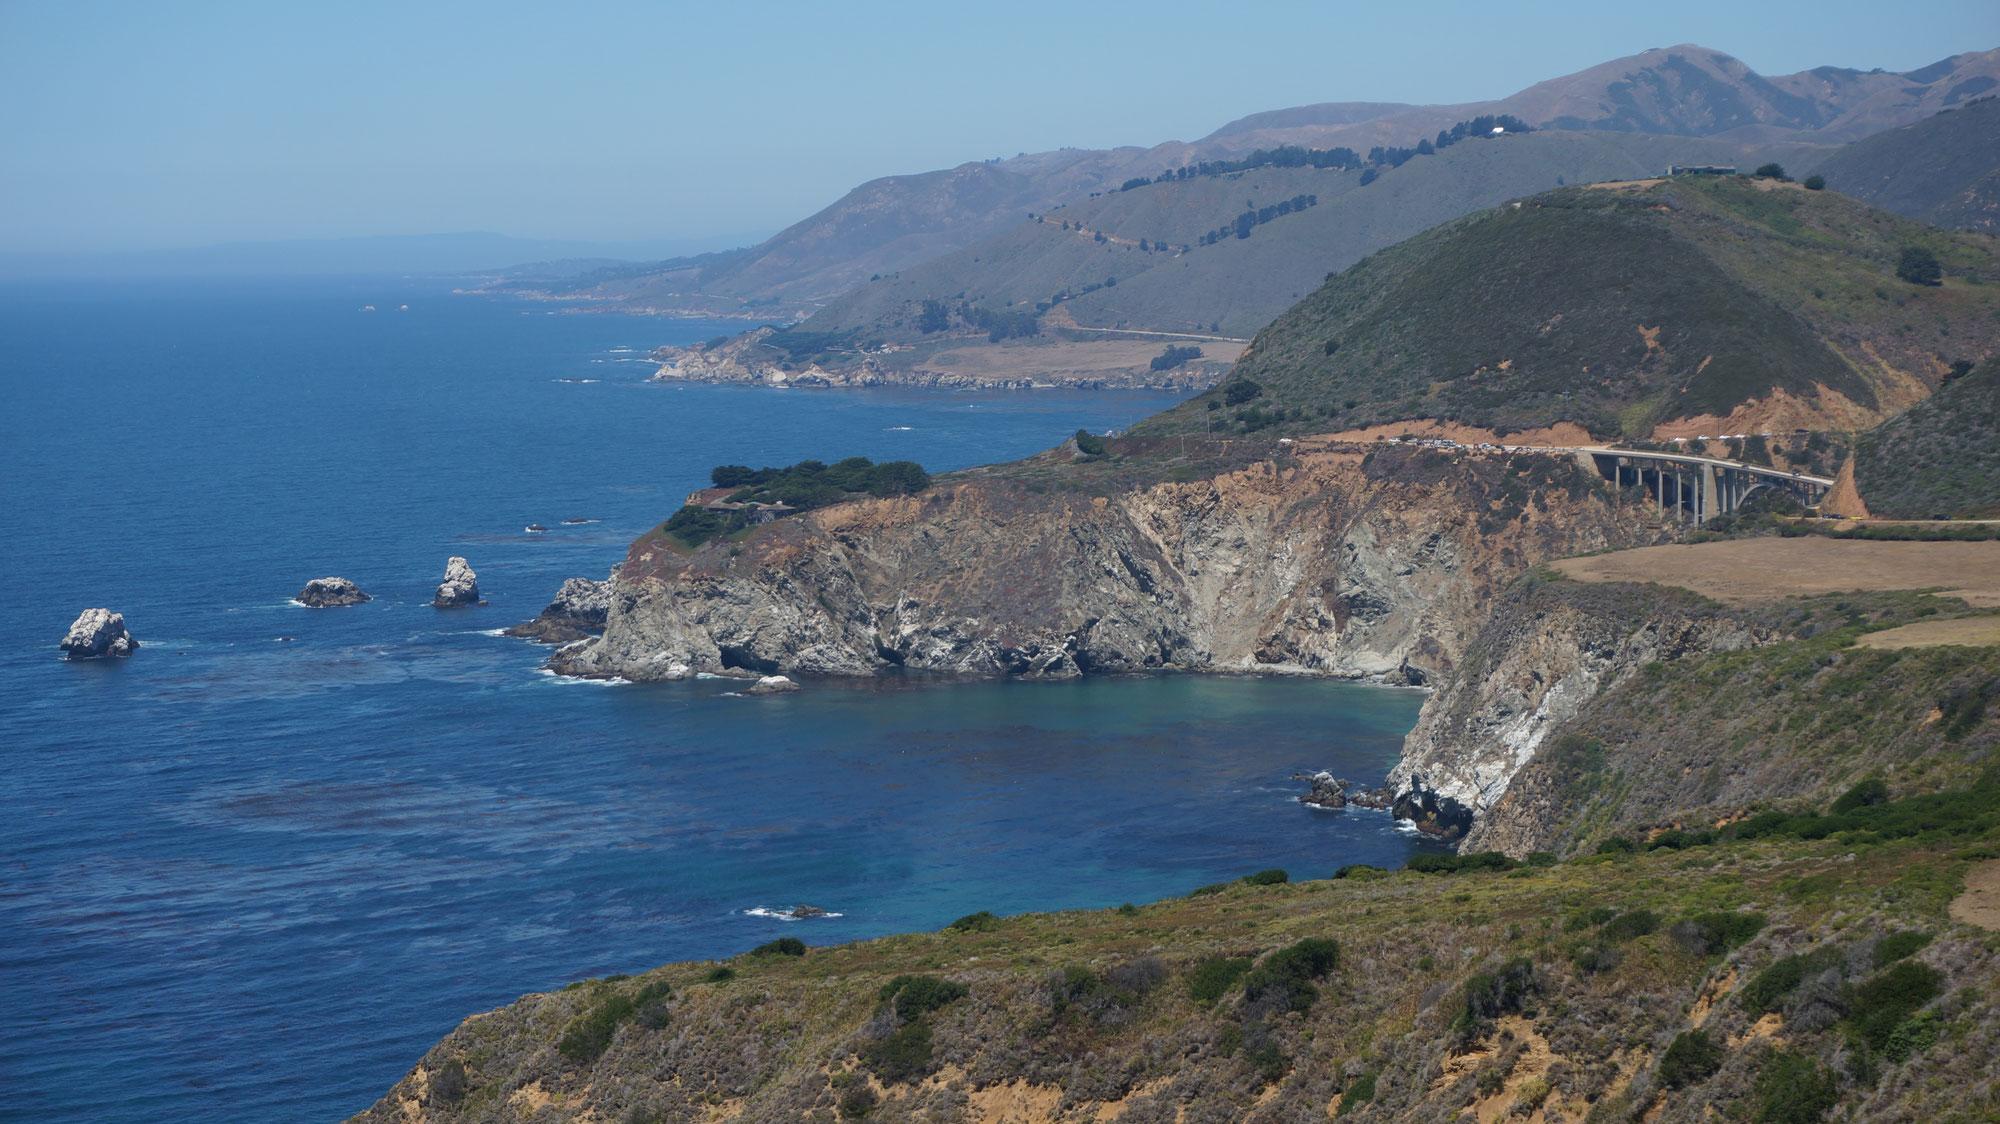 Pacific Coast Highway No. 1